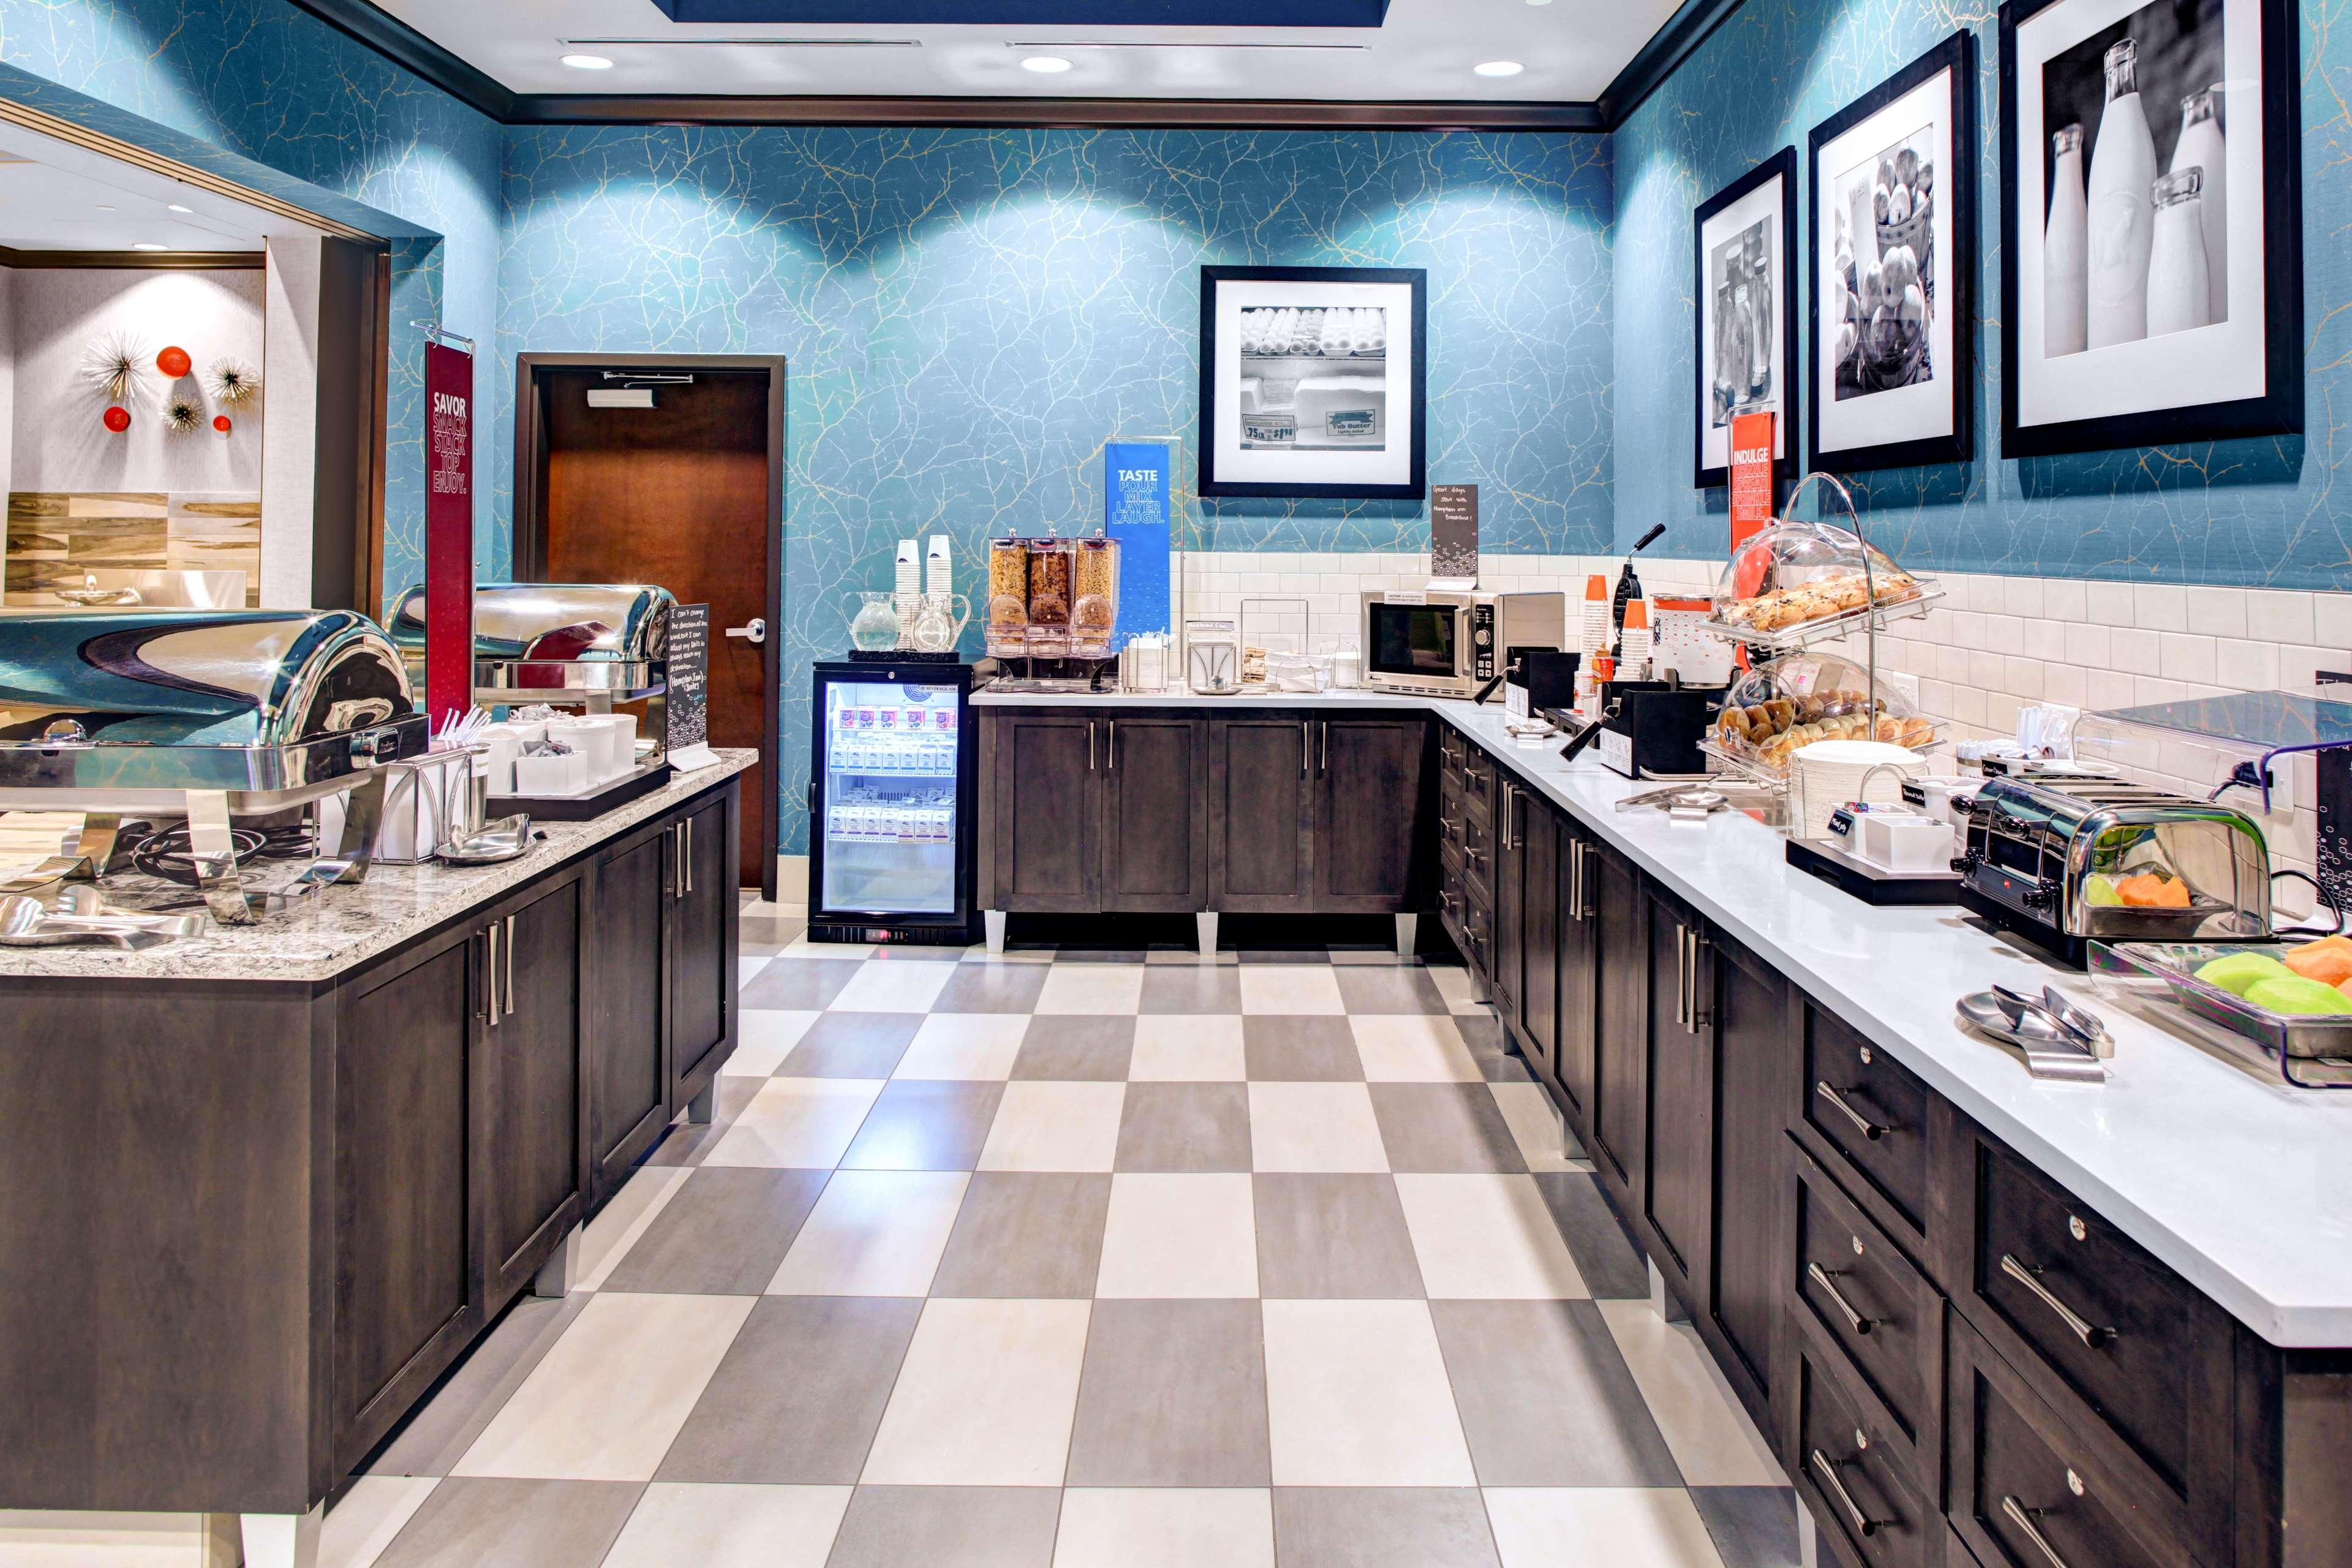 Hampton Inn & Suites by Hilton Atlanta Perimeter Dunwoody image 6